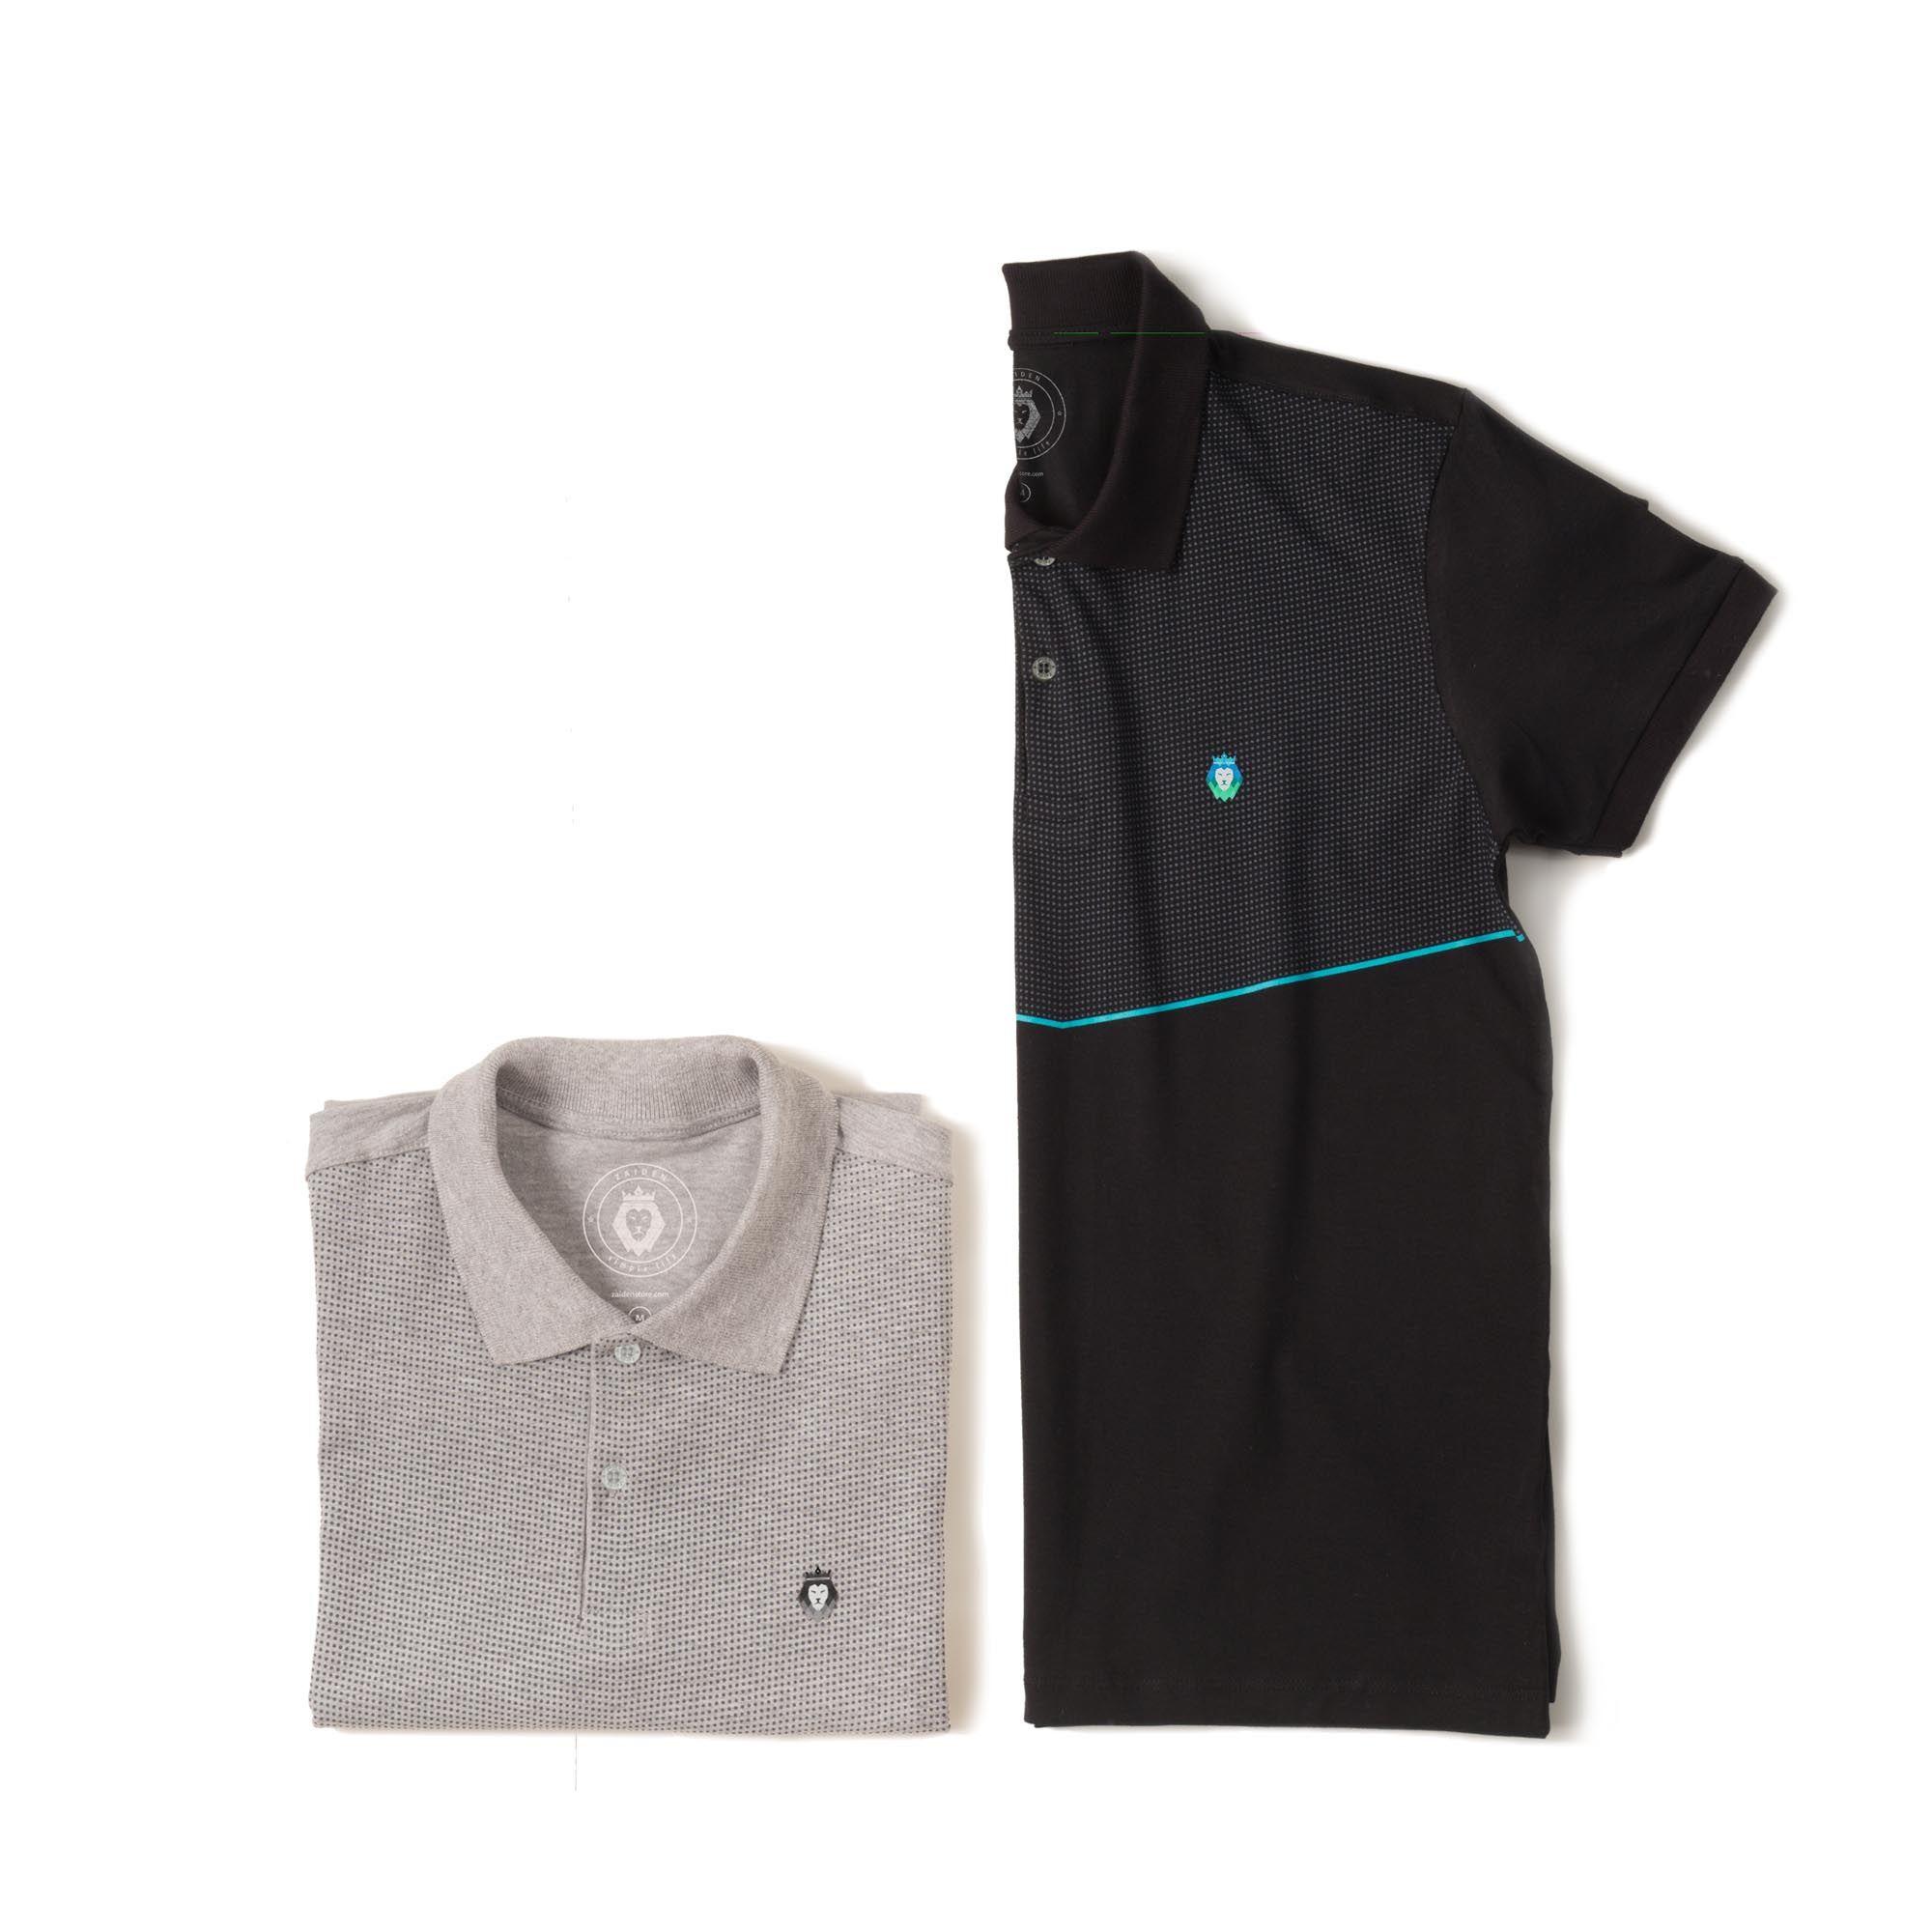 Kit 2 Camisas Polo Cotton Premium Zaiden Mescla Preta Masculina